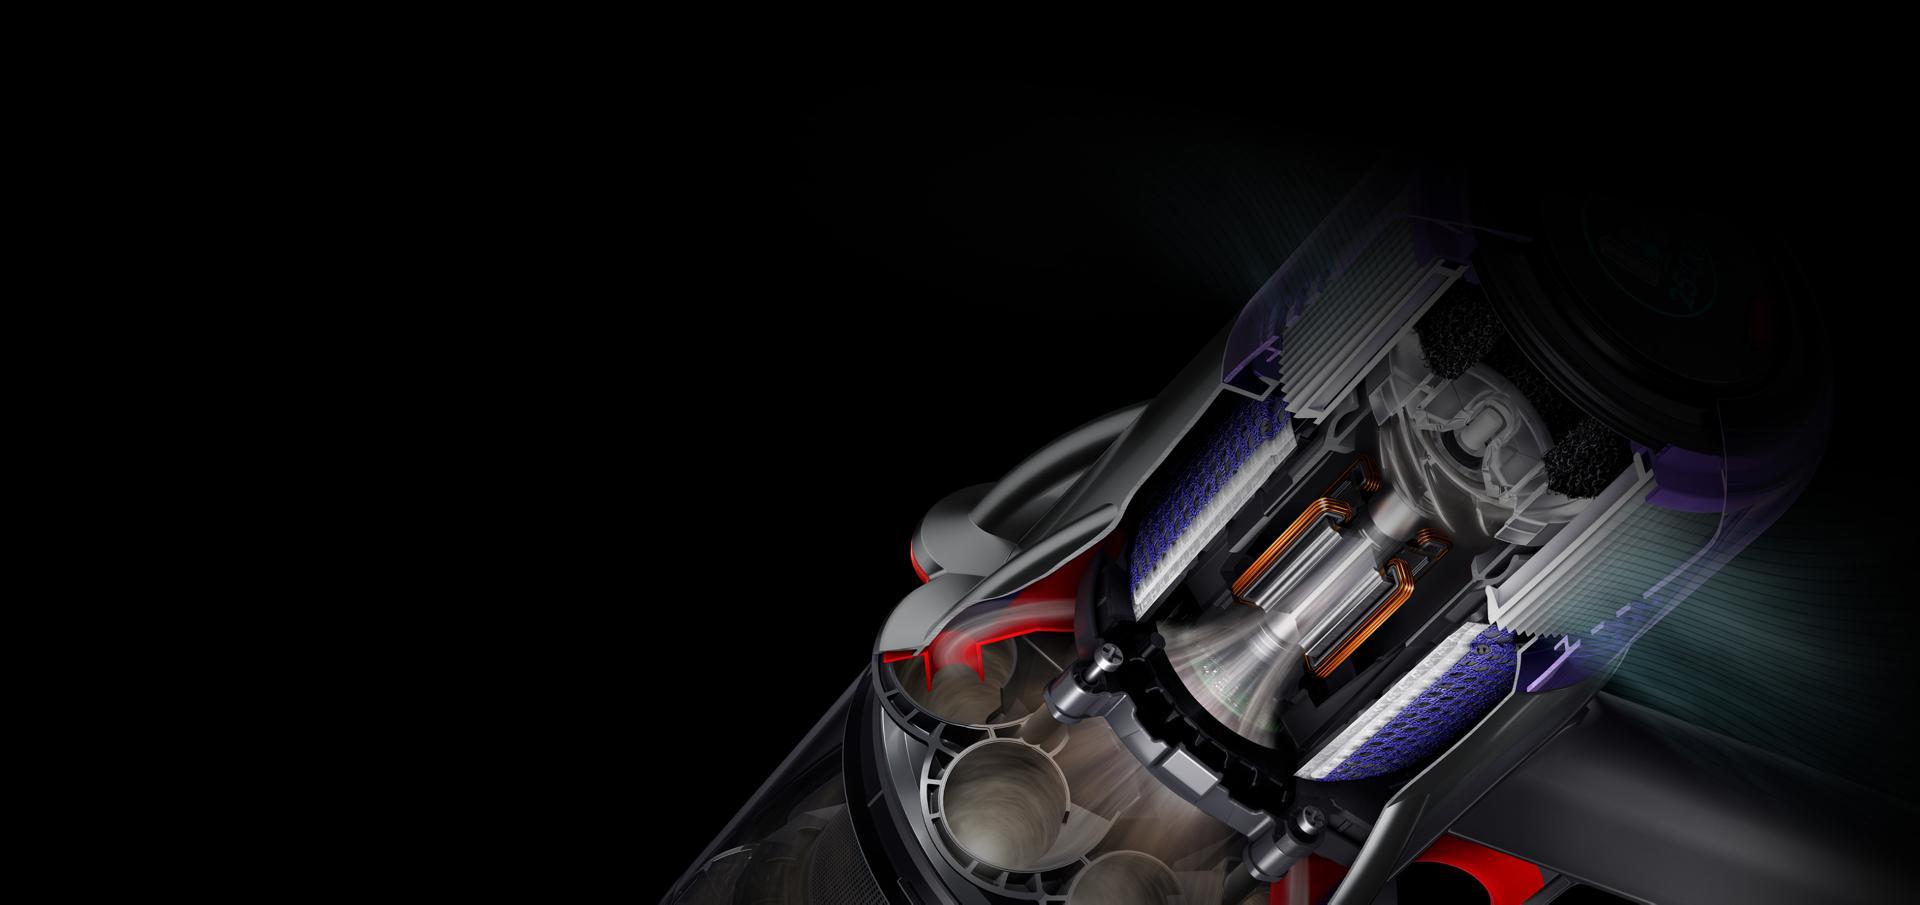 ภาพตัดขวางแสดงให้เห็นมอเตอร์